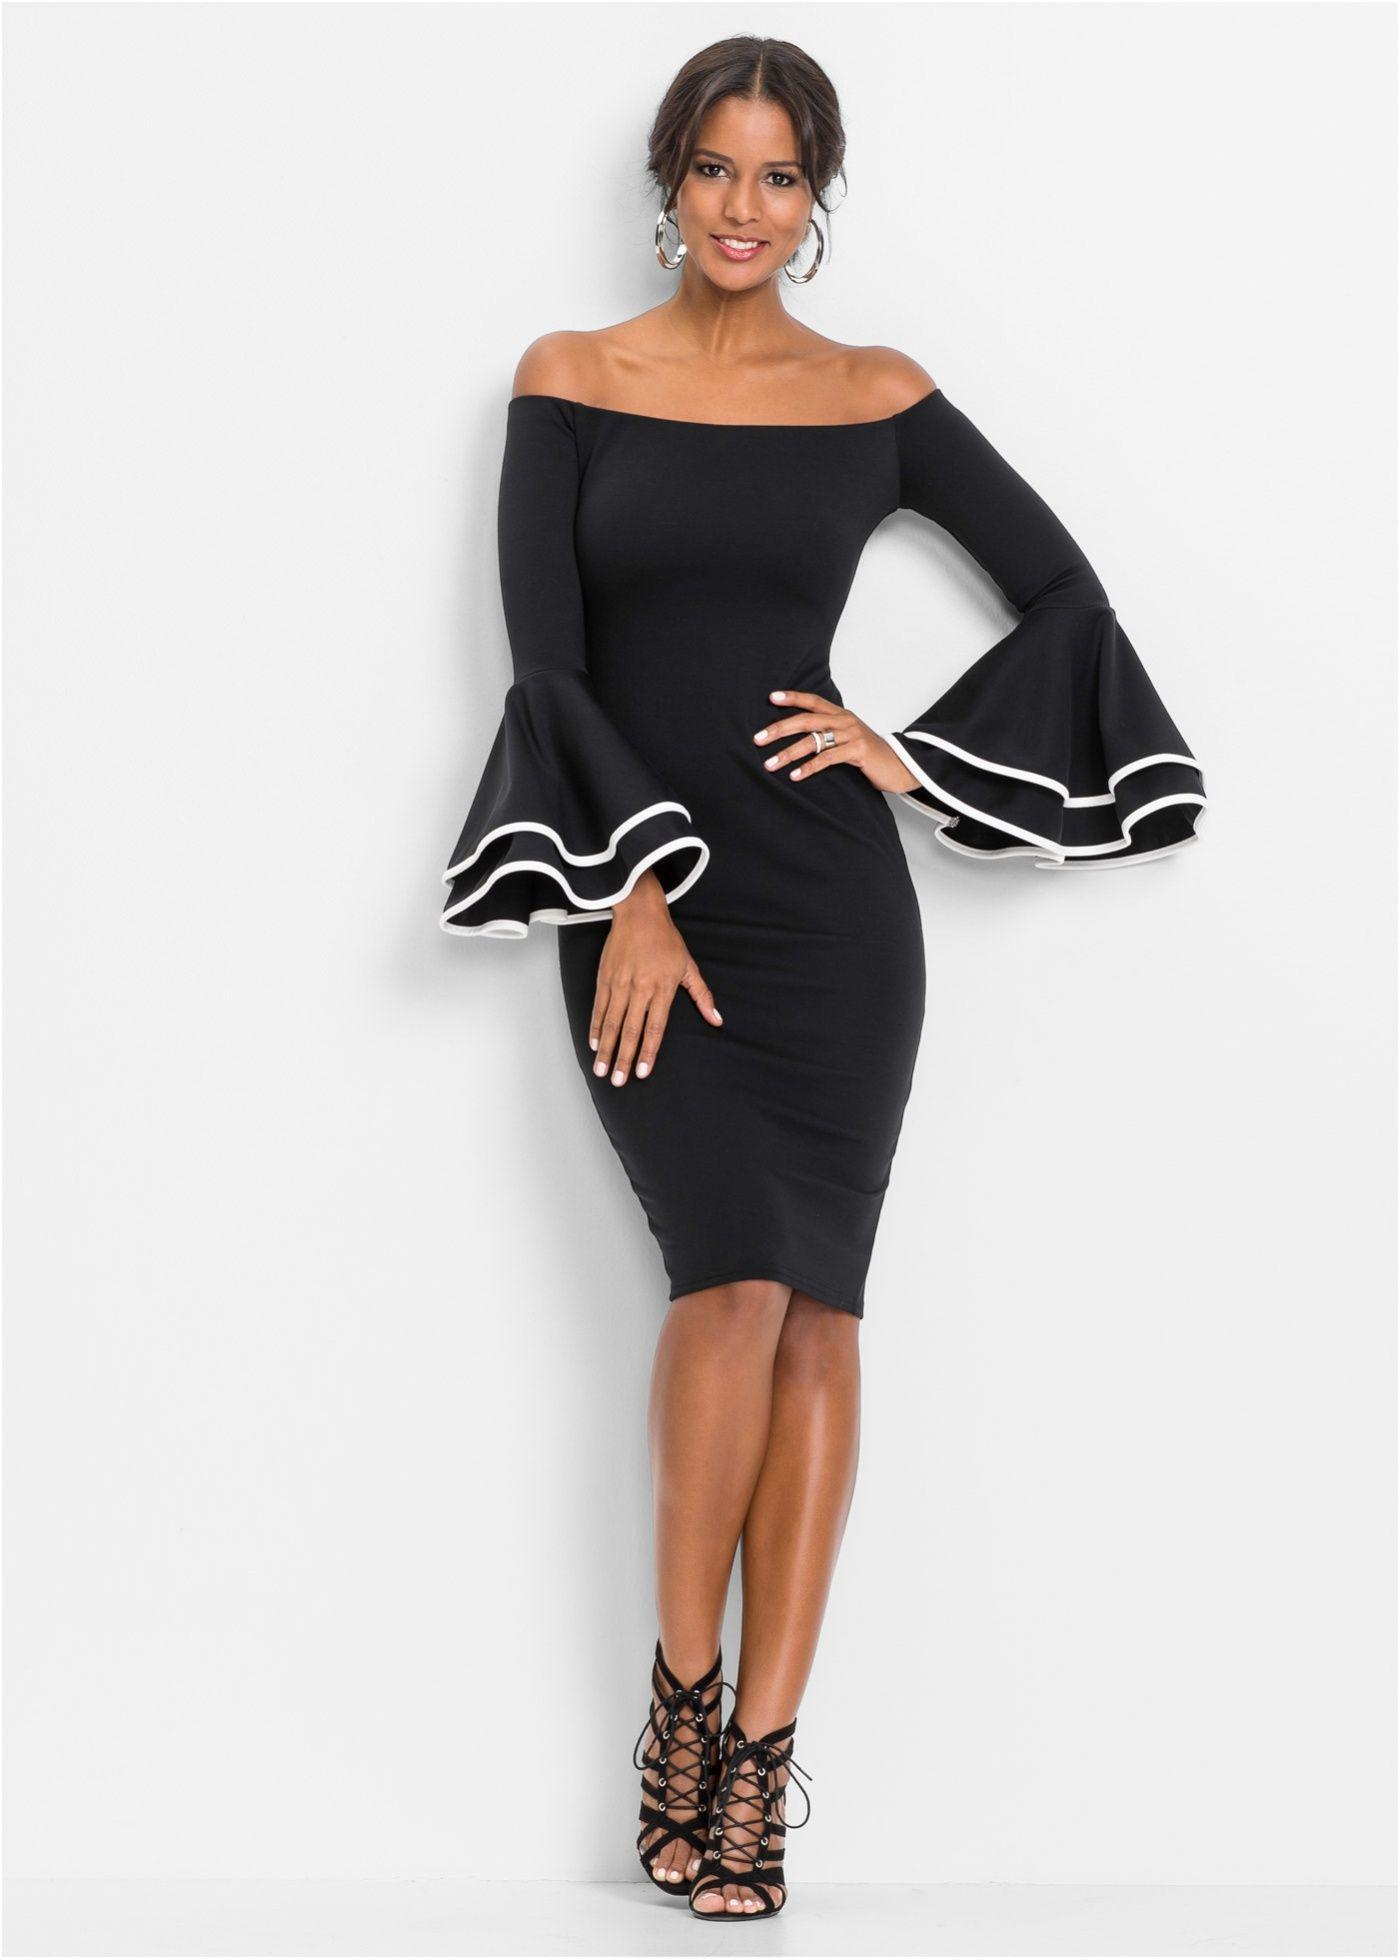 Schulterfreies Kleid schwarz jetzt im Shop von bonprix.ch ab CHF